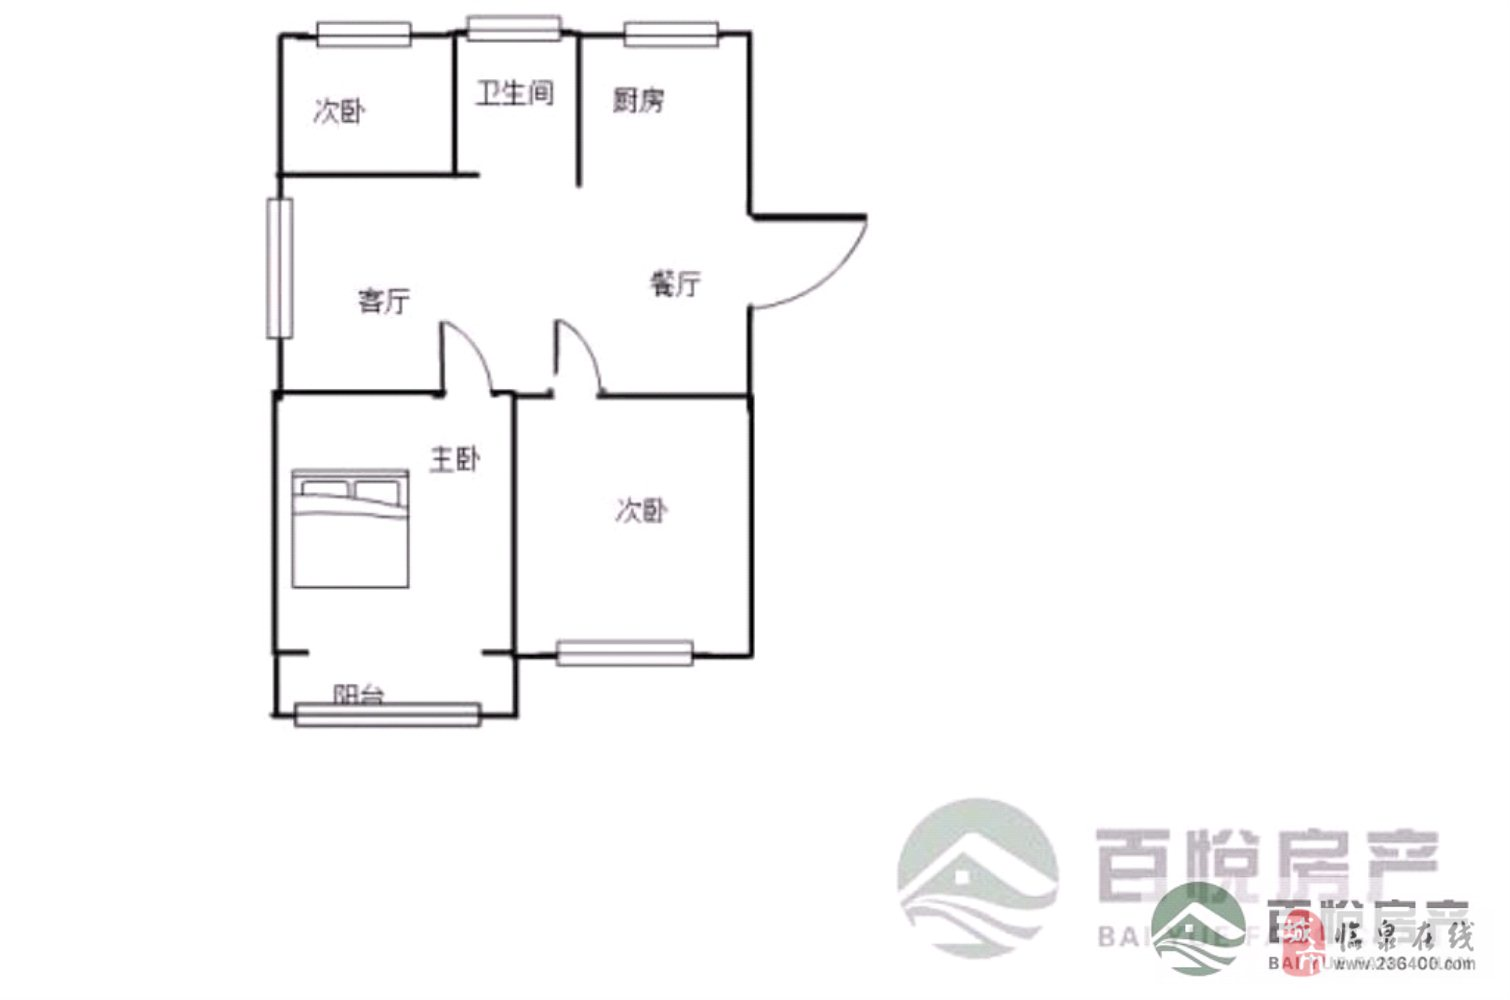 优质:瑞景国际城南三室高层可按揭+边户首付三层限售